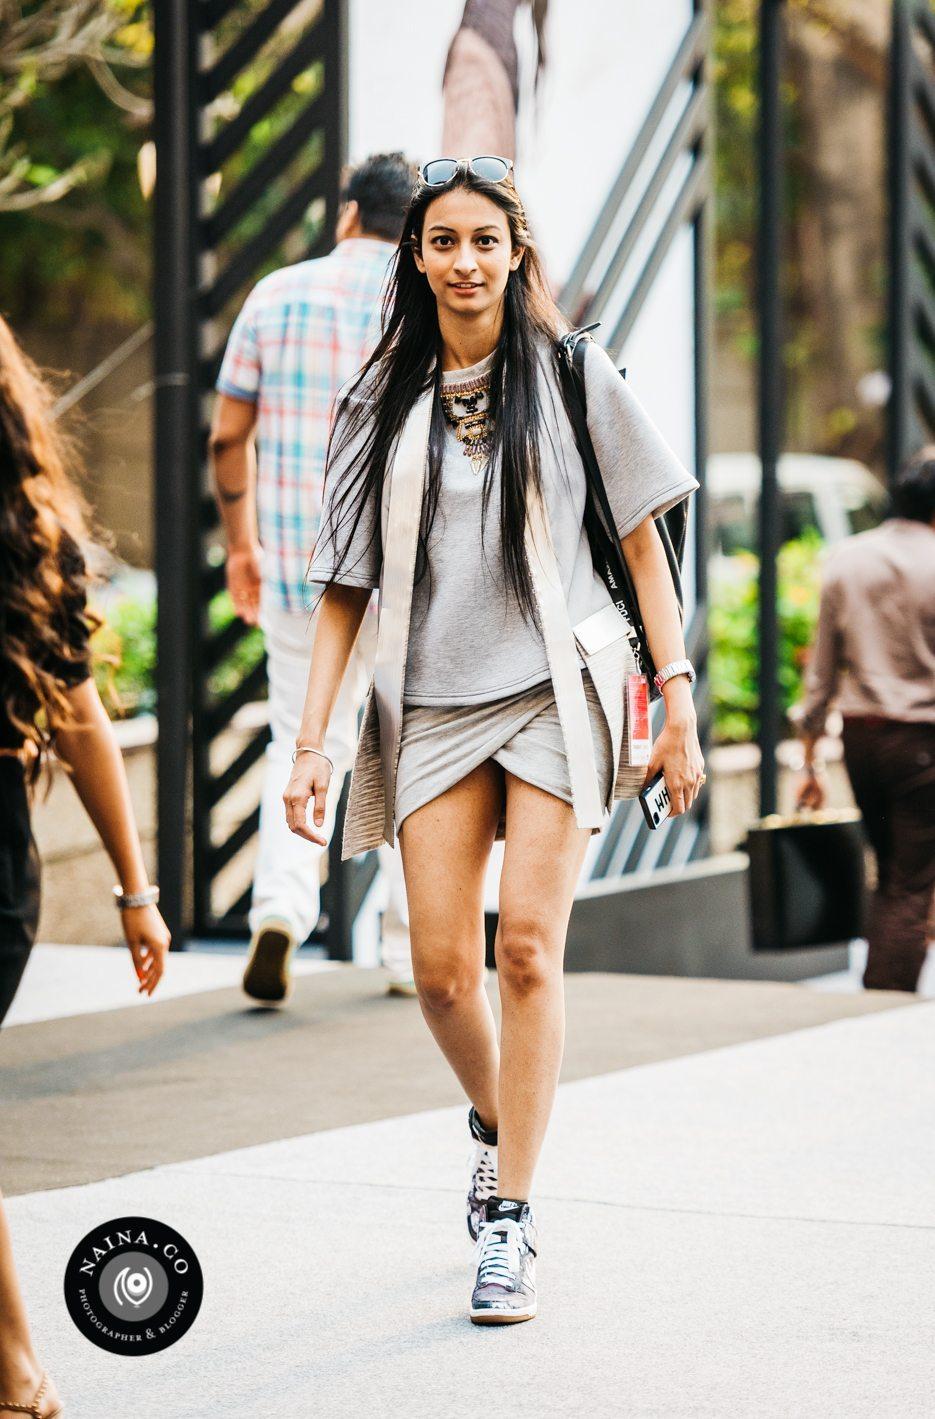 Naina.co-Raconteuse-Visuelle-Photographer-Blogger-Storyteller-Luxury-Lifestyle-AIFWAW15-14b